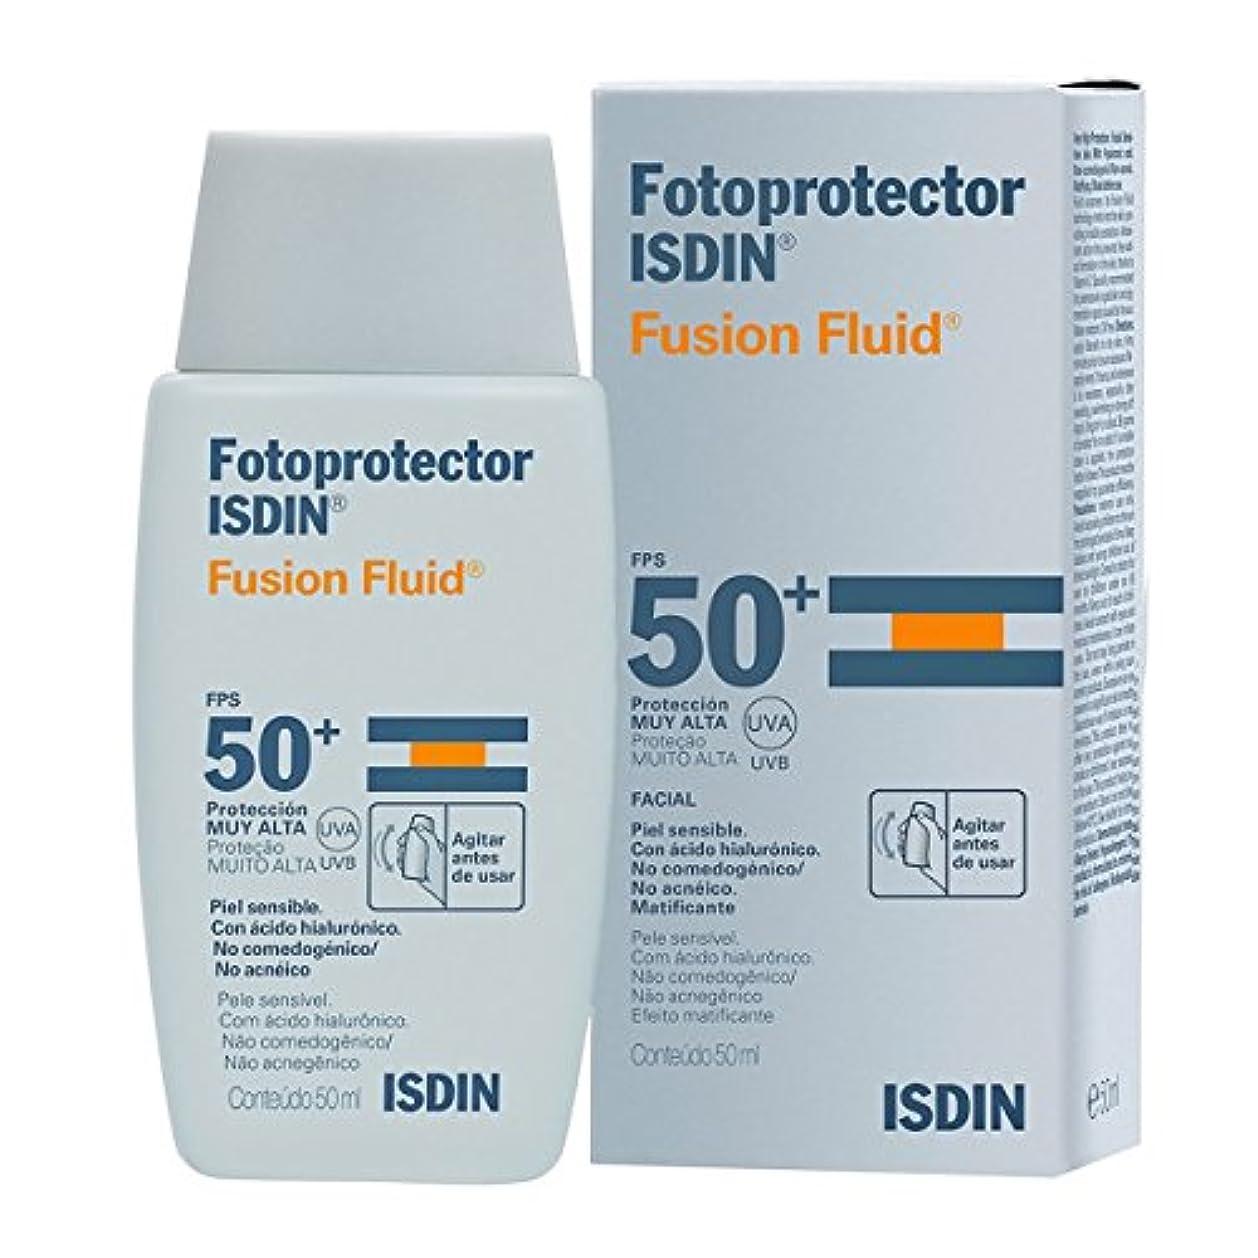 バッチお別れしおれたIsdin Fotoprotector Fusion Fluid Spf50+ 50ml [並行輸入品]